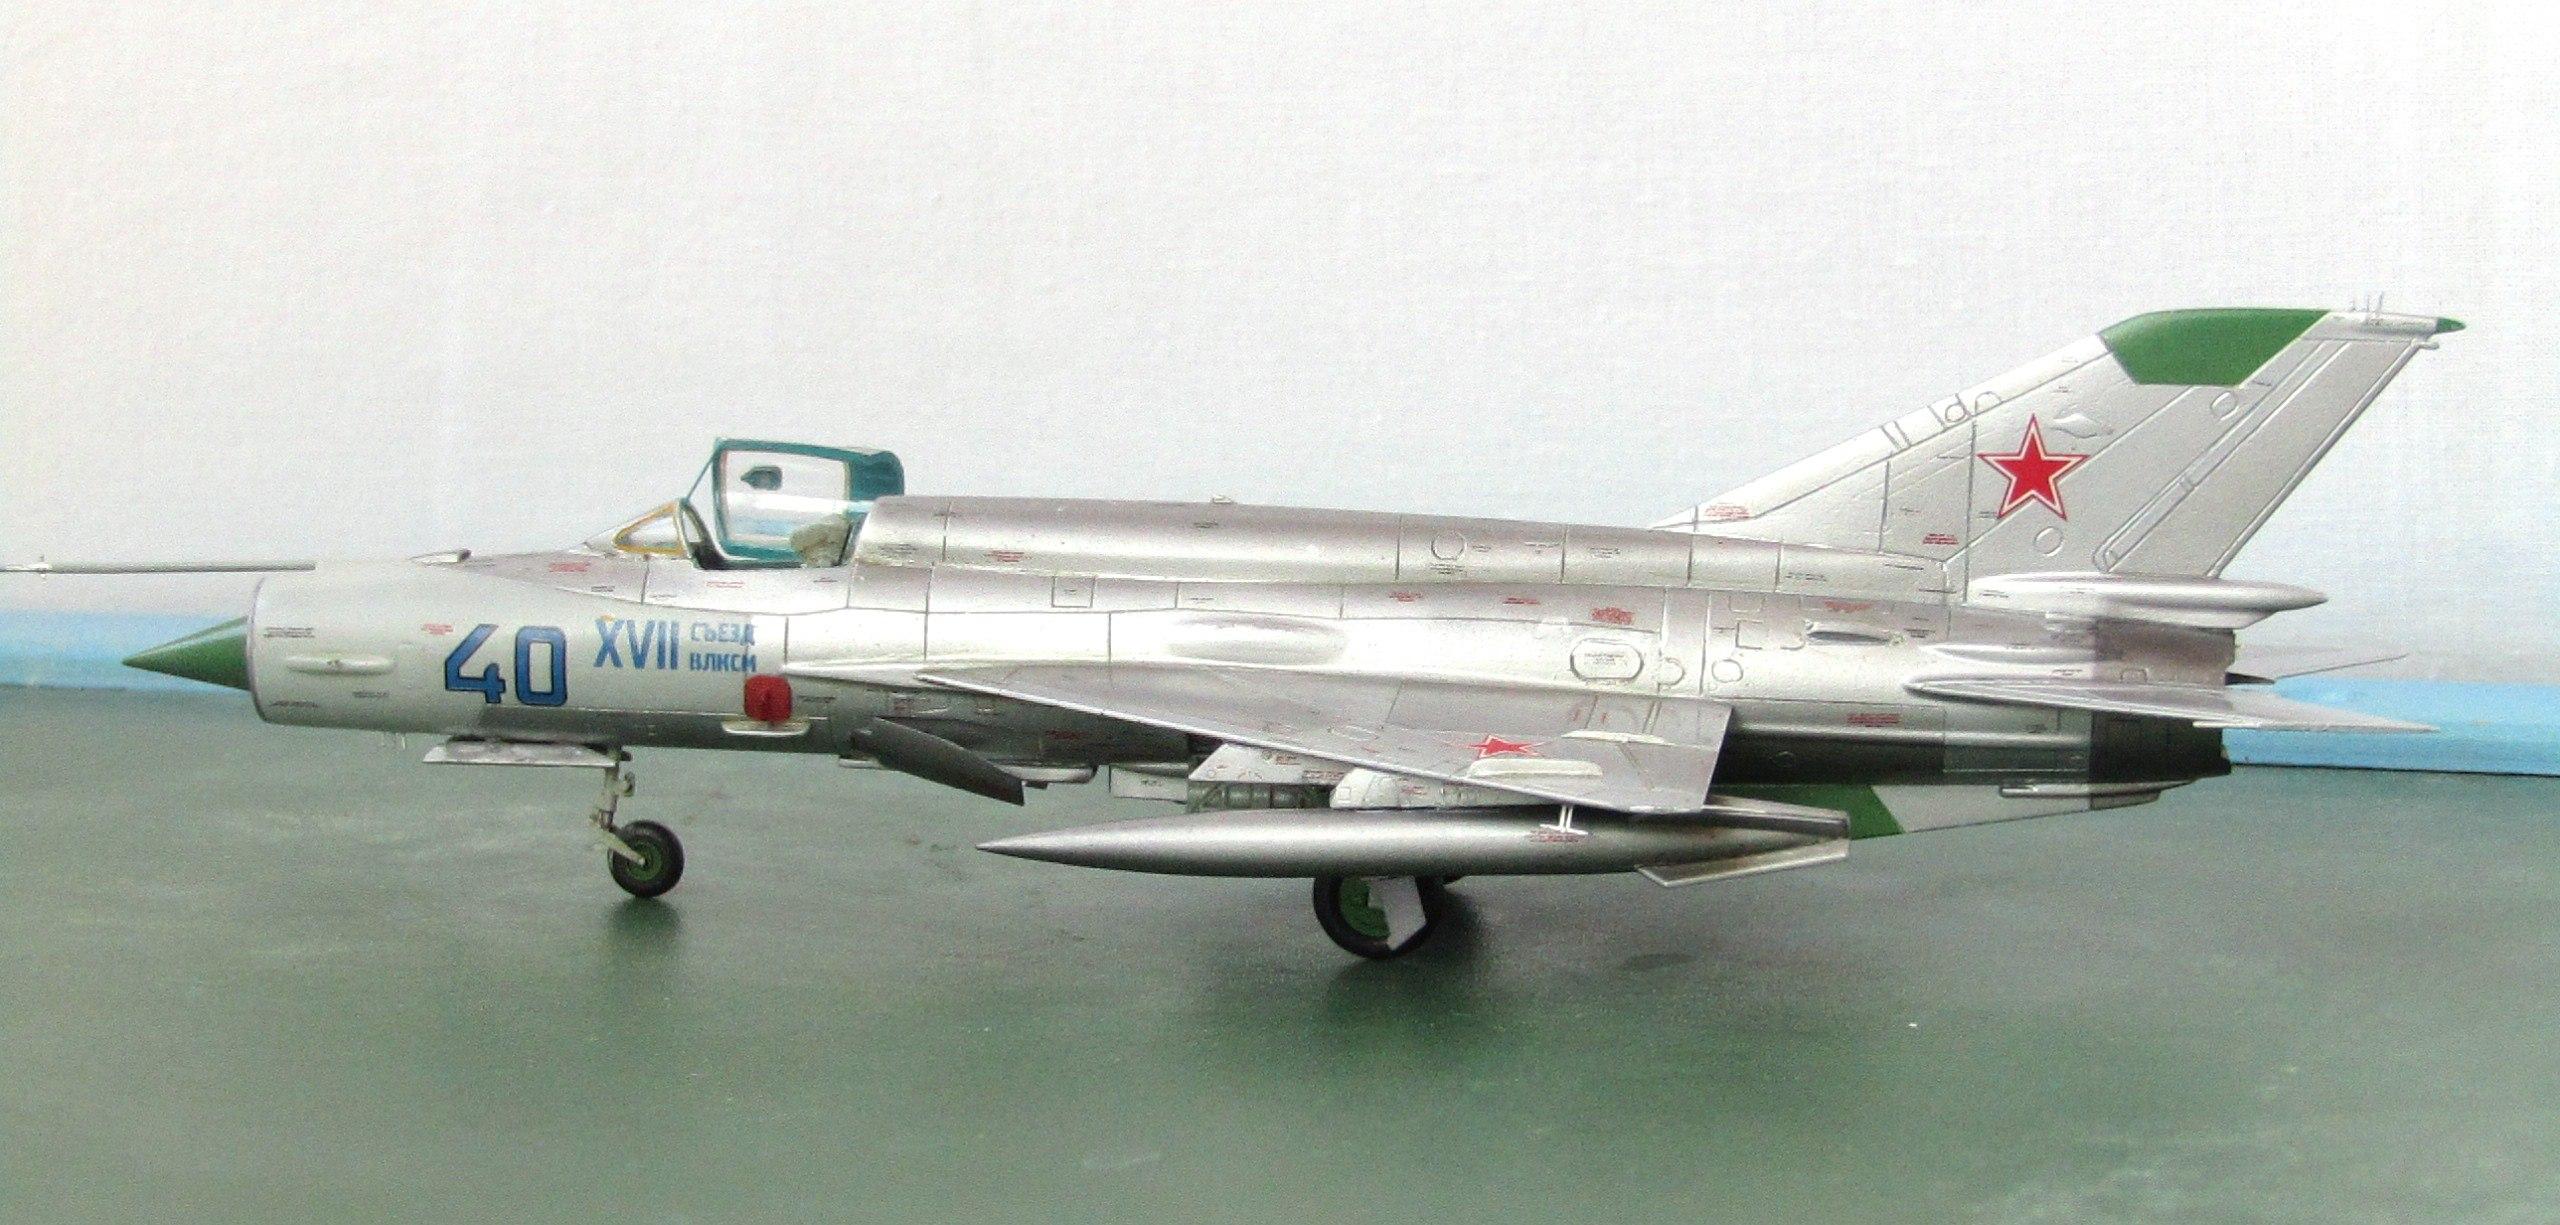 МиГ-21БИС 1/72 (Звезда) 0cOYh6A_aro